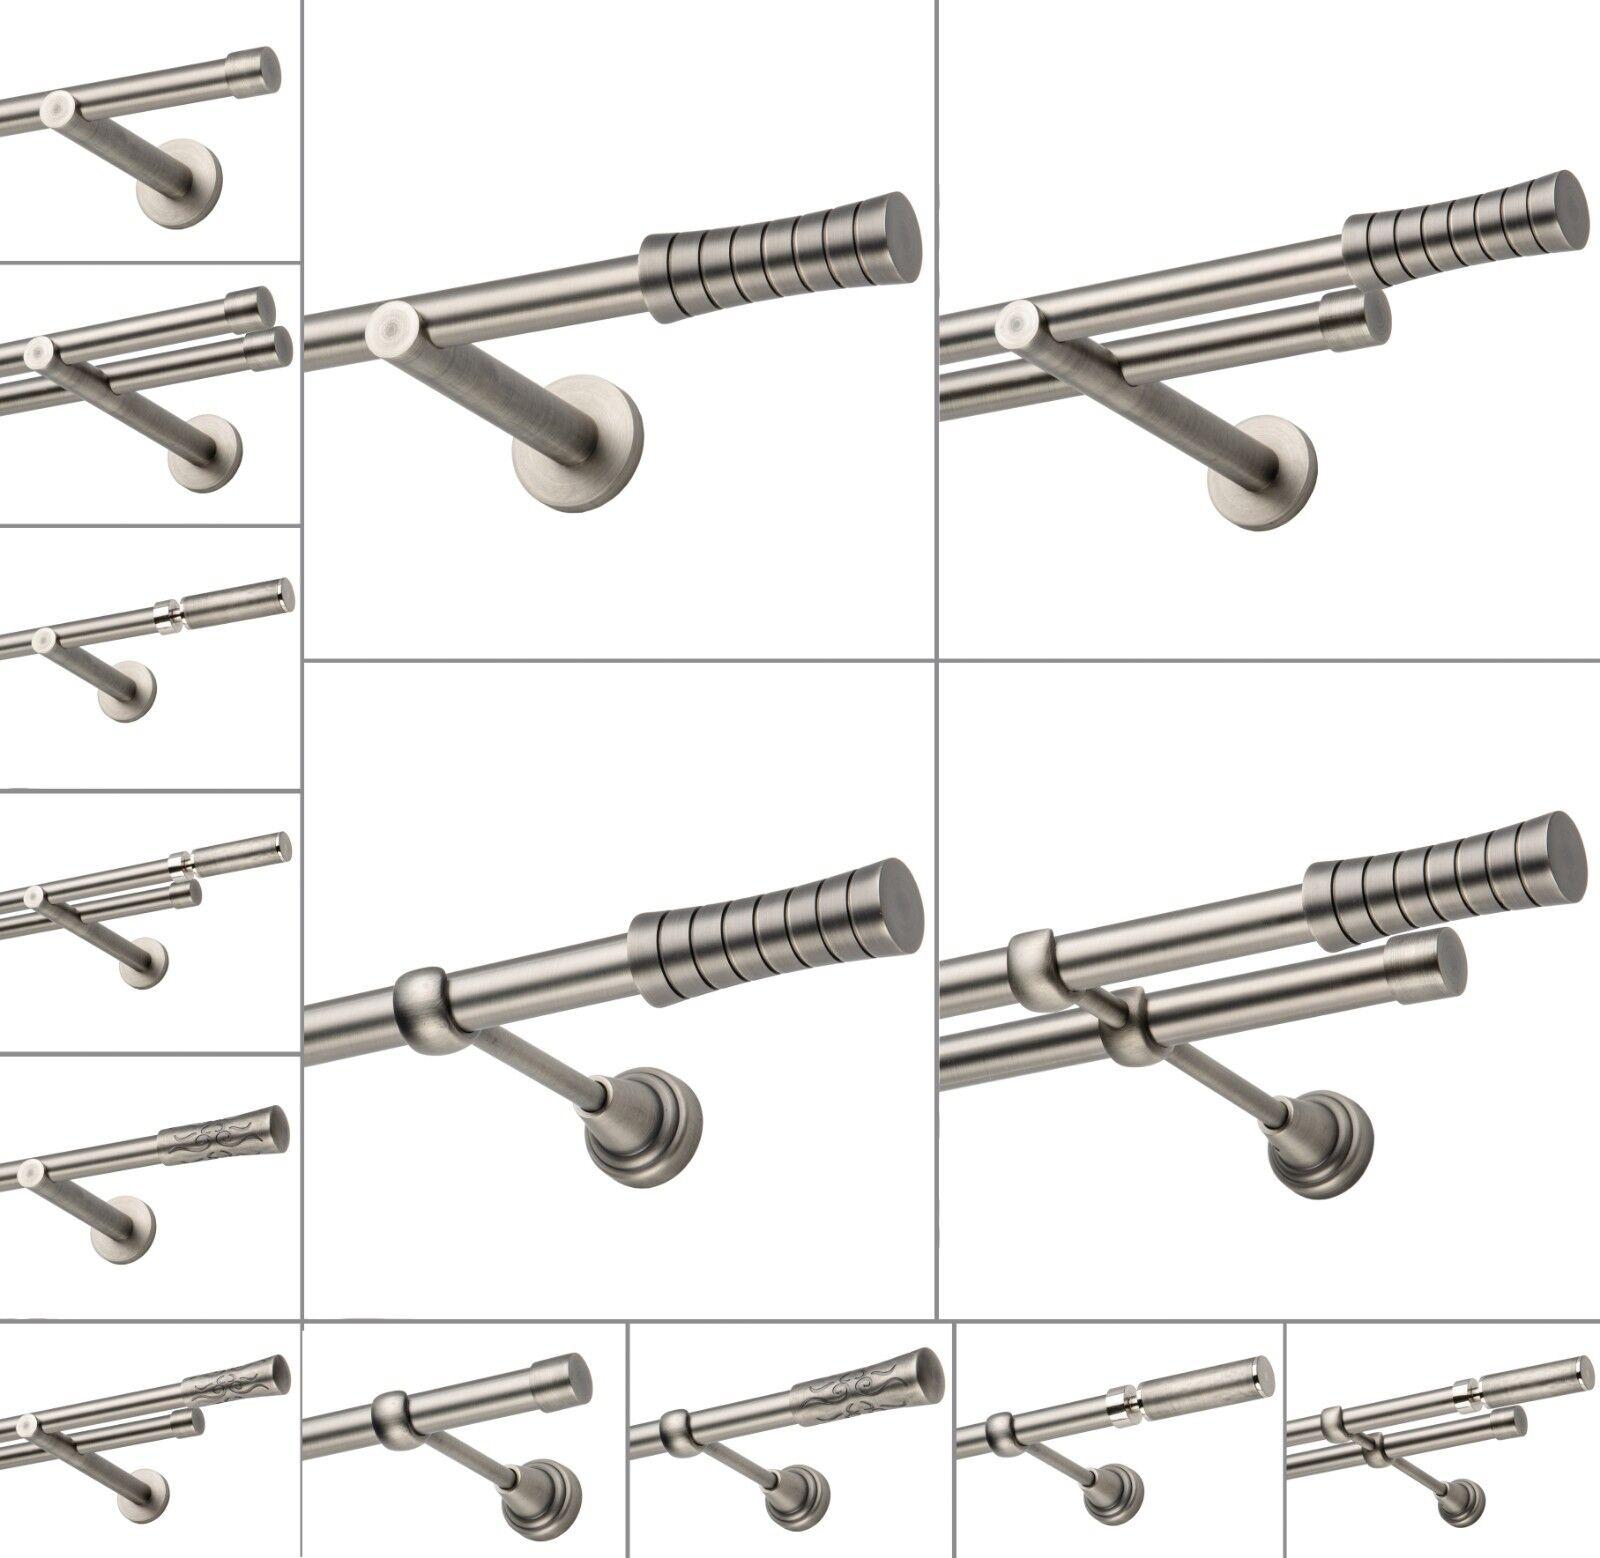 Gardinenstange 19mm 1-läufig 2-läufig Antik Stahl 120-600cm Neue Neue Neue Farbe | Die Farbe ist sehr auffällig  ab12b2